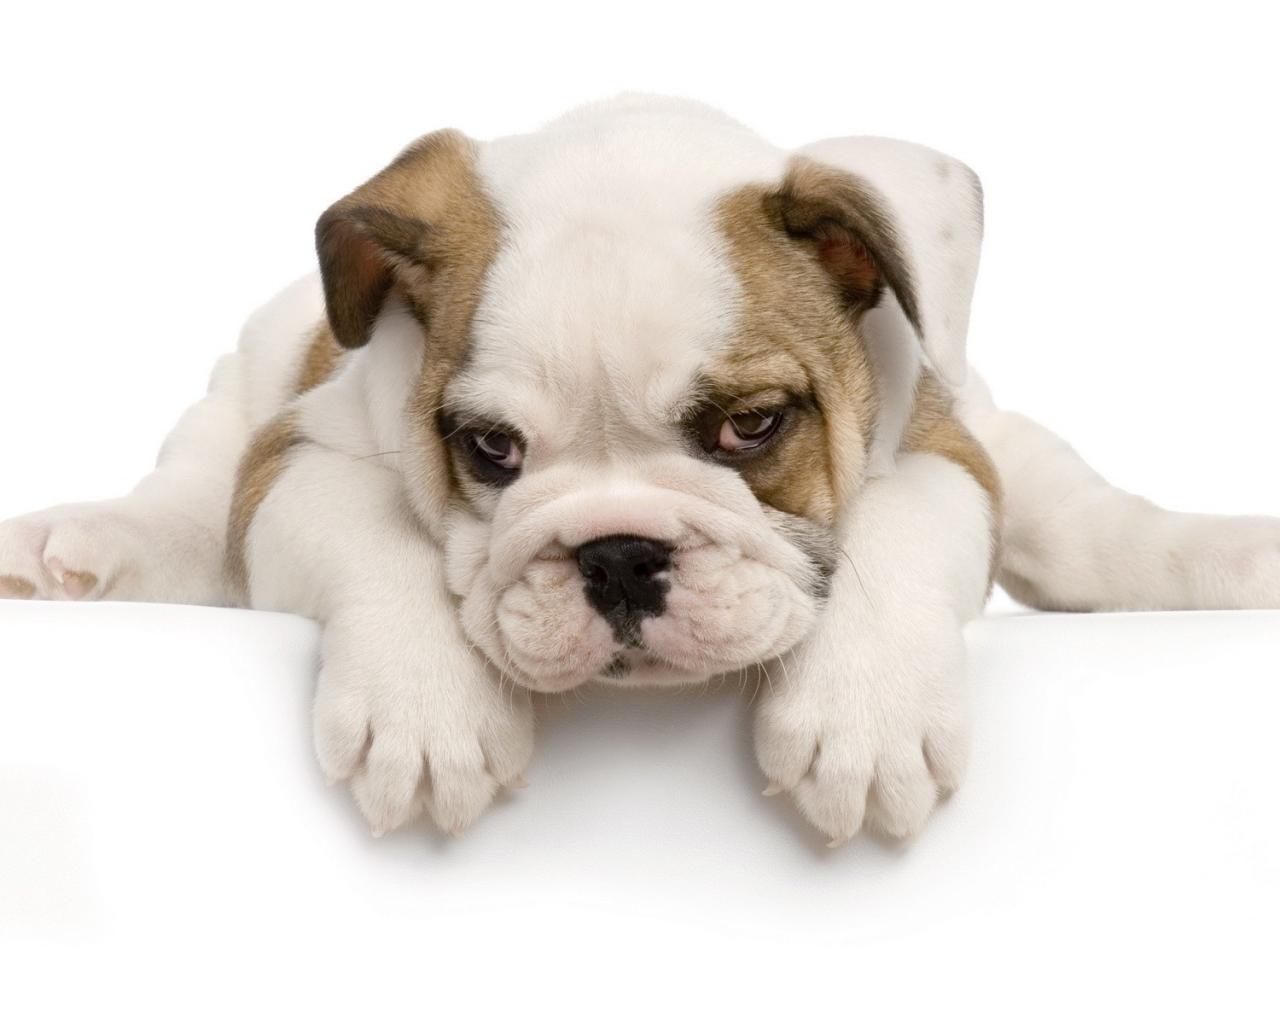 Perro Cachorro - 1280x1024